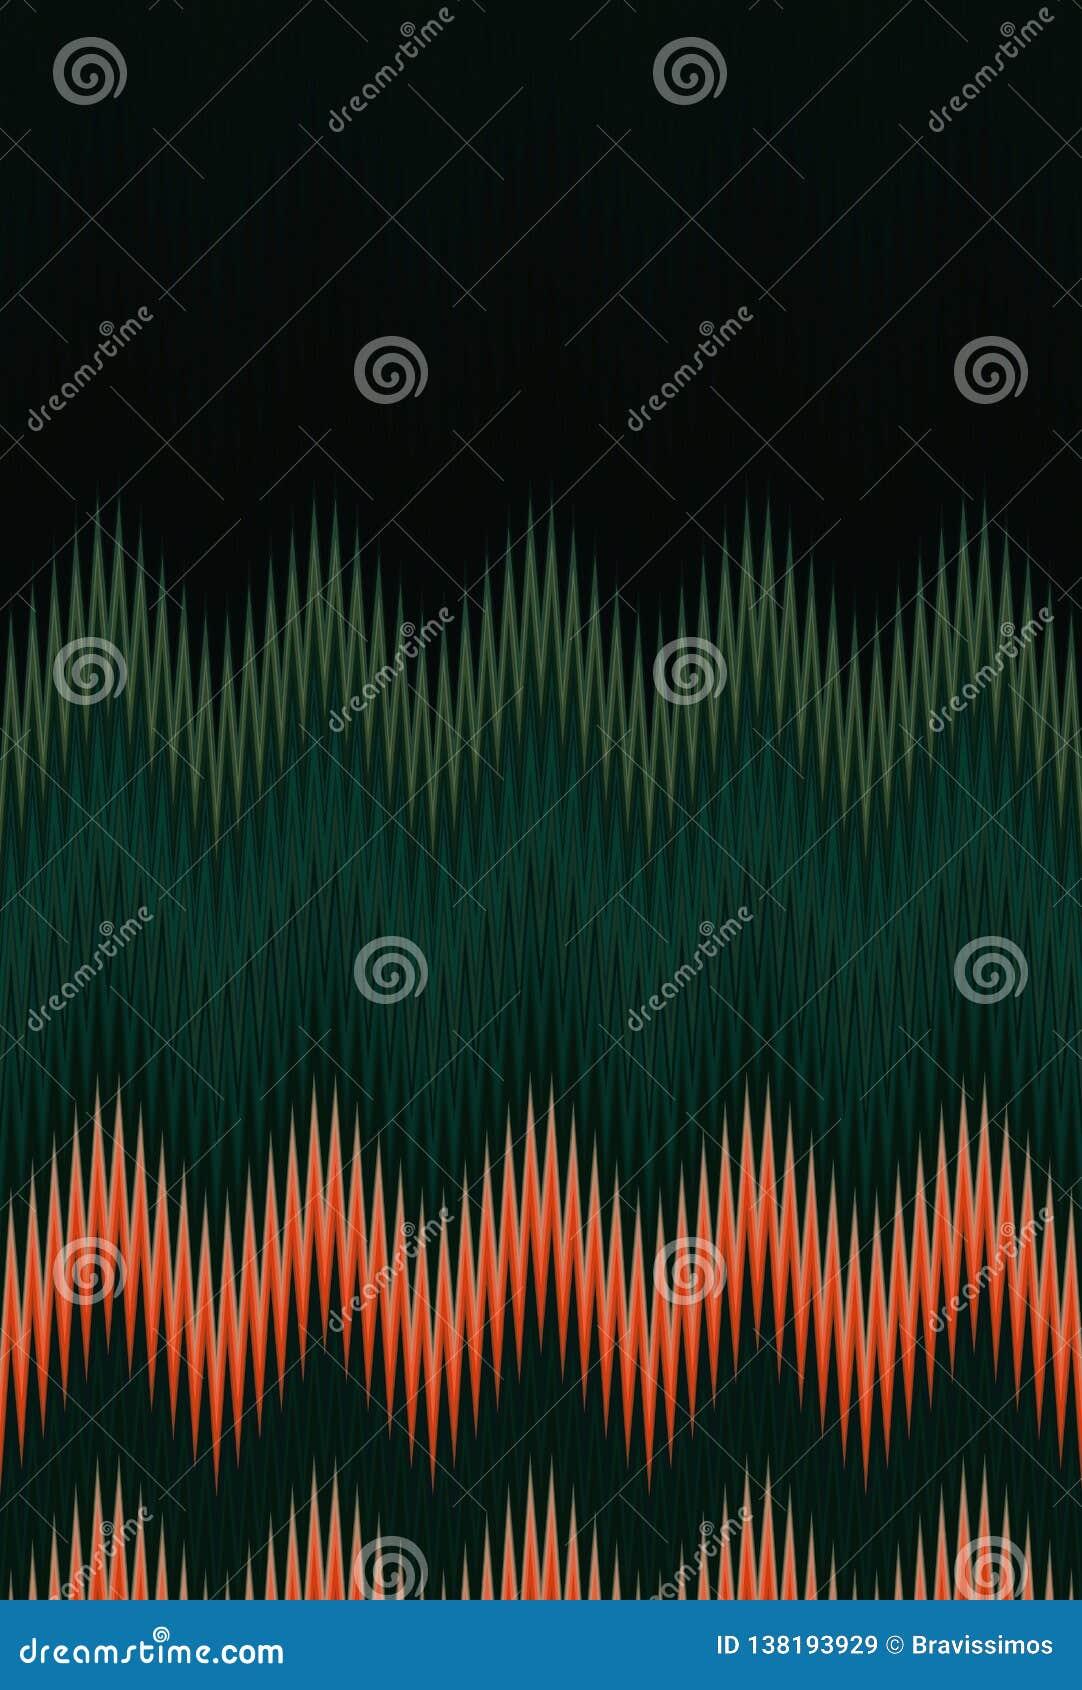 Szewronu zygzag fala abstrakcjonistycznej sztuki ciemnozielony deseniowy tło wykazywać tendencję